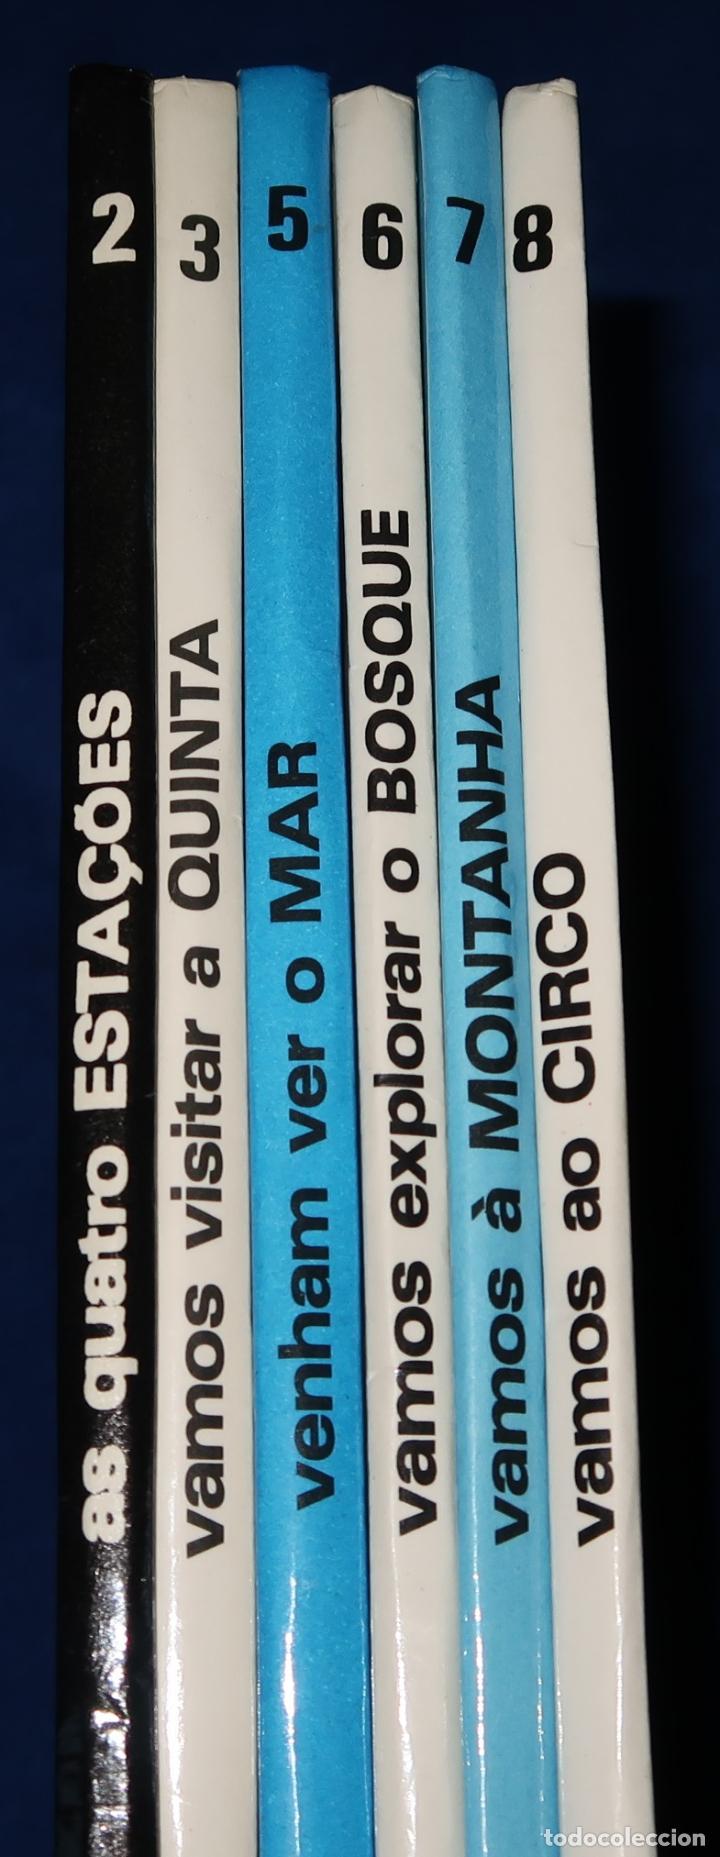 Libros de segunda mano: Lote de 6 libros de Tony Wolf - Editorial Globo (1983) ¡Portugués! - Foto 9 - 191850197